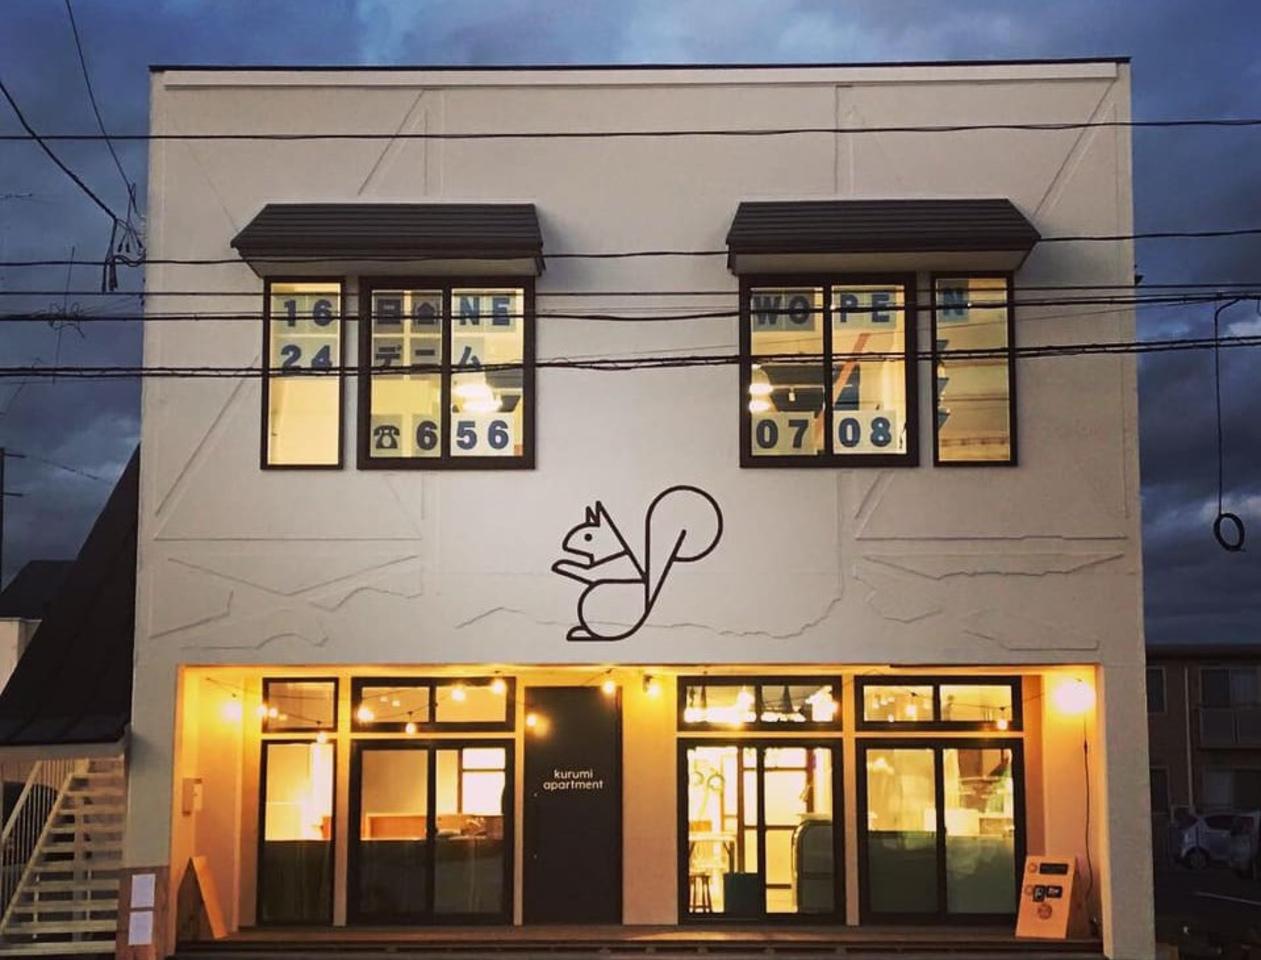 小さなまちの複合施設...岩手県紫波郡矢巾町に『くるみアパートメント』本日グランドオープン。